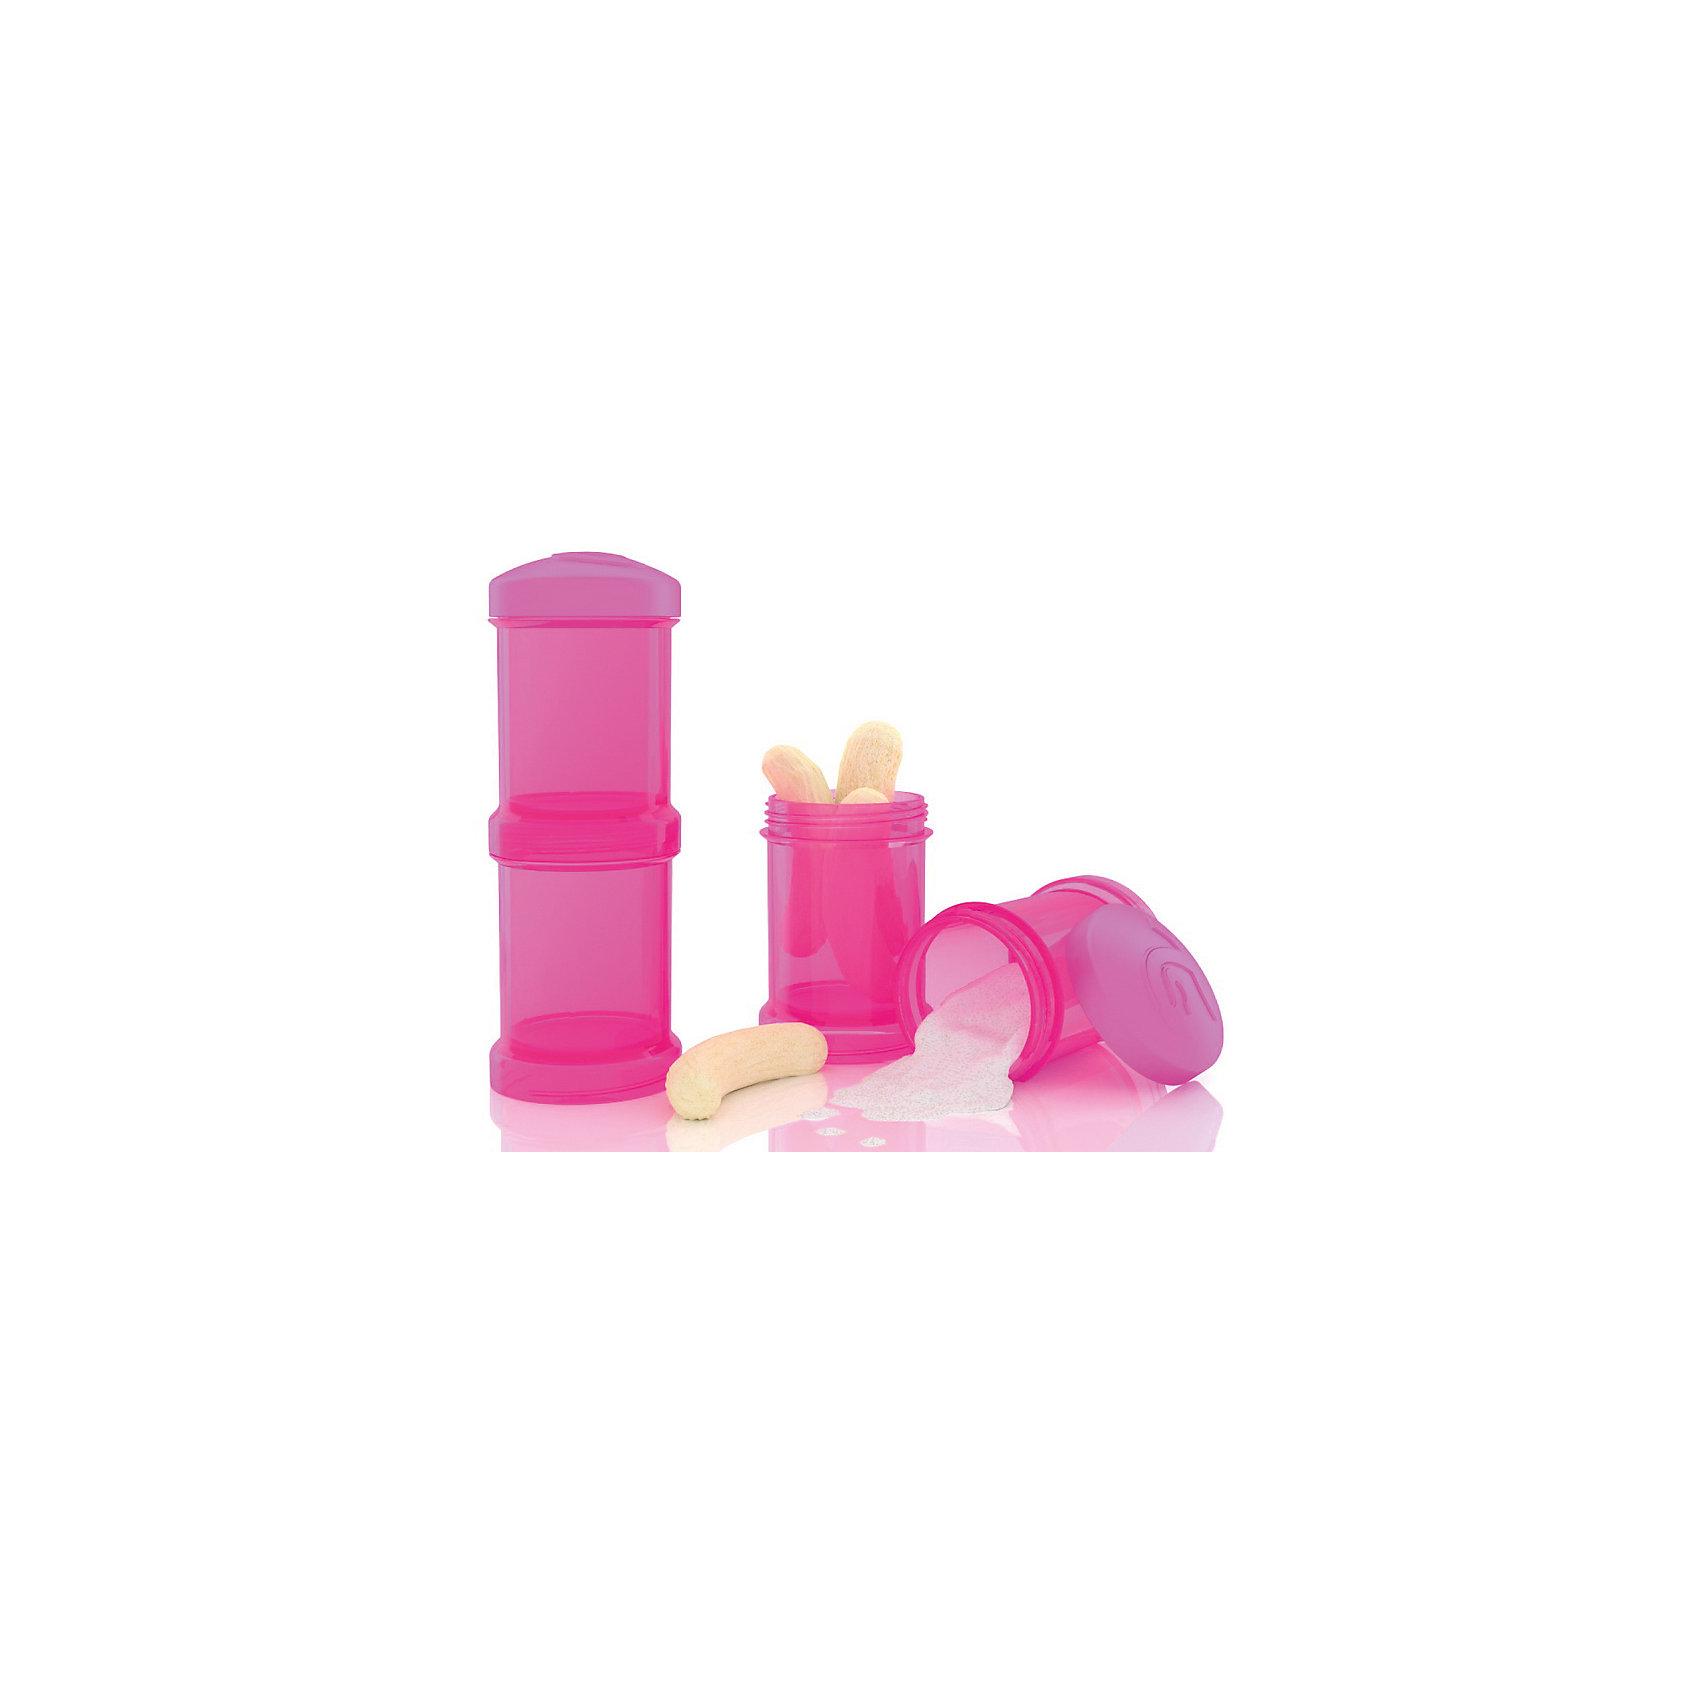 Контейнер для сухой смеси 100 мл. 2 шт., TwistShake, розовыйПосуда для малышей<br>Контейнер для сухой смеси 100 мл. 2 шт., розовый от шведского бренда Twistshake (Твистшейк), придет по вкусу малышам и современным родителям. Эти контейнеры прекрасно подходят для хранения детской смеси и оптимальны в использовании, их горлышко меньше горлышка любых бутылочек Twistshake (Твистшейк), потому позволяют пересыпать смесь без просыпания. Контейнеры также подходят для хранения каш, фруктов, сухофруктов, печенья или других необходимых на прогулке или в дороге продуктов. Материал контейнеров не содержит бисфенол А. Удобная форма горлышка обеспечивает доступ к полной промывки контейнера, можно стерилизовать как холодным, так и горячим методами. <br><br>Дополнительная информация:<br><br>- В комплект входит: два контейнера по 100 мл. <br>- Состав: 100% пропиллен<br><br>Контейнер для сухой смеси 100 мл. 2 шт., TwistShake, розовый можно купить в нашем интернет-магазине.<br>Подробнее:<br>• Для детей в возрасте: от 0 лет <br>• Номер товара: 4976056<br>Страна производитель: Китай<br><br>Ширина мм: 55<br>Глубина мм: 55<br>Высота мм: 150<br>Вес г: 75<br>Возраст от месяцев: 0<br>Возраст до месяцев: 36<br>Пол: Унисекс<br>Возраст: Детский<br>SKU: 4976056